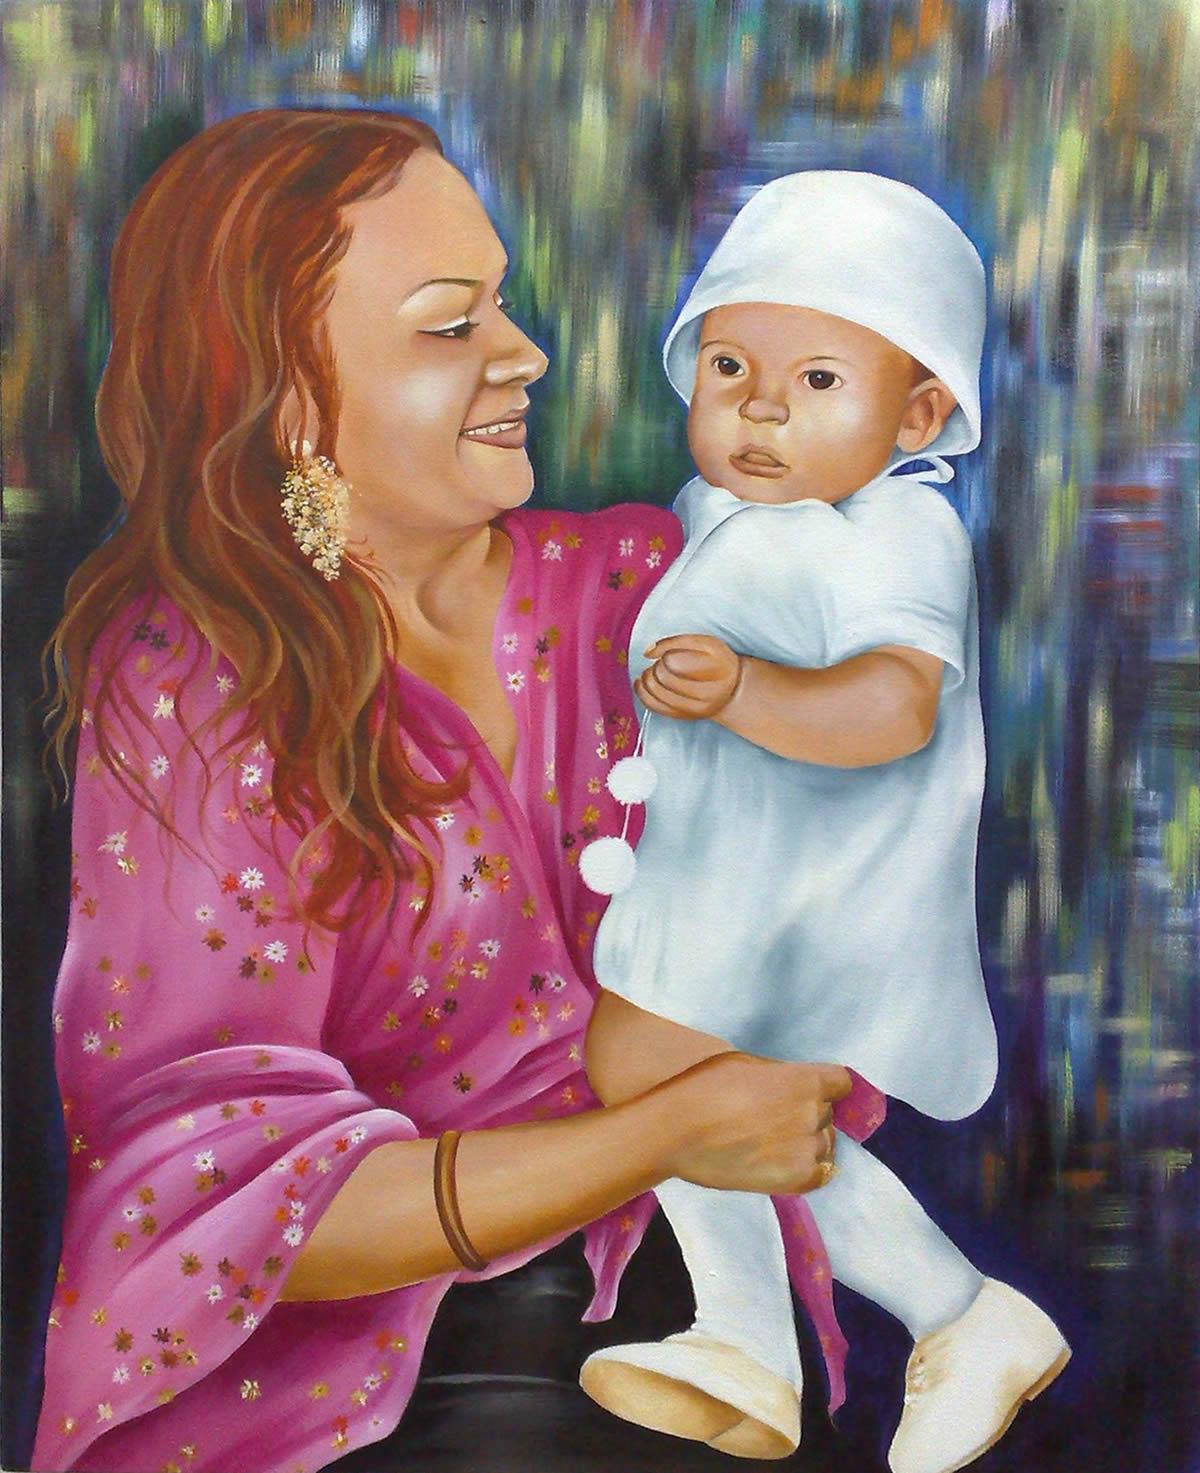 Mãe e Filha - Acrílica sobre Tela - Cláudia Verônica